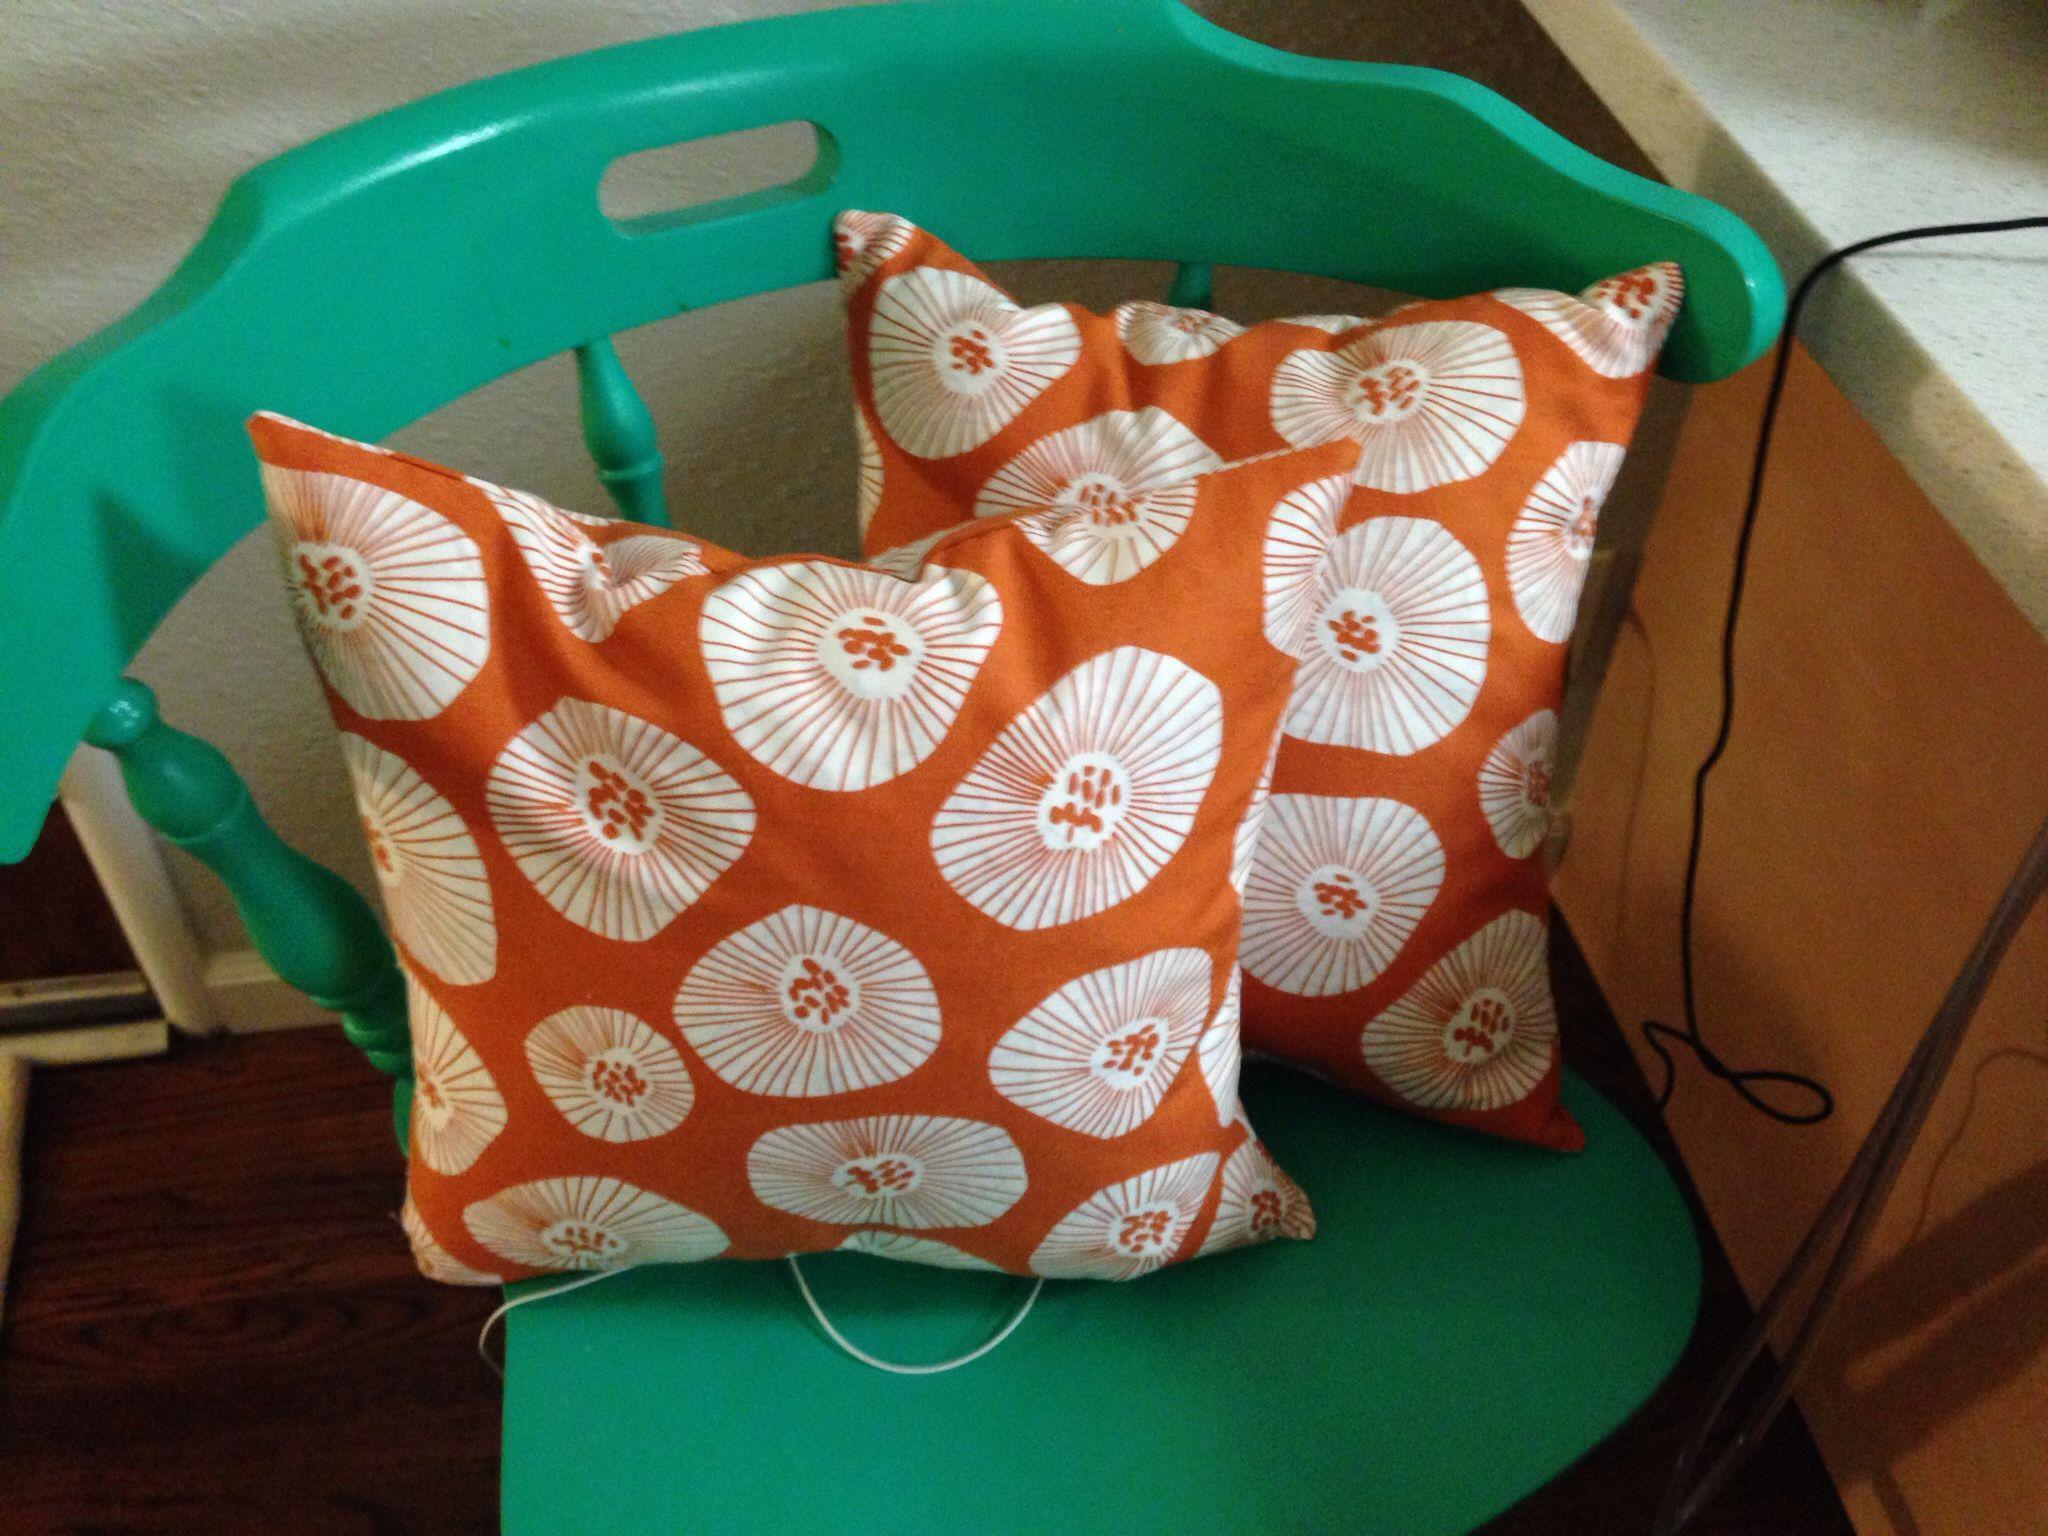 Lotta Jansdotter fabric- Moira In Apricot